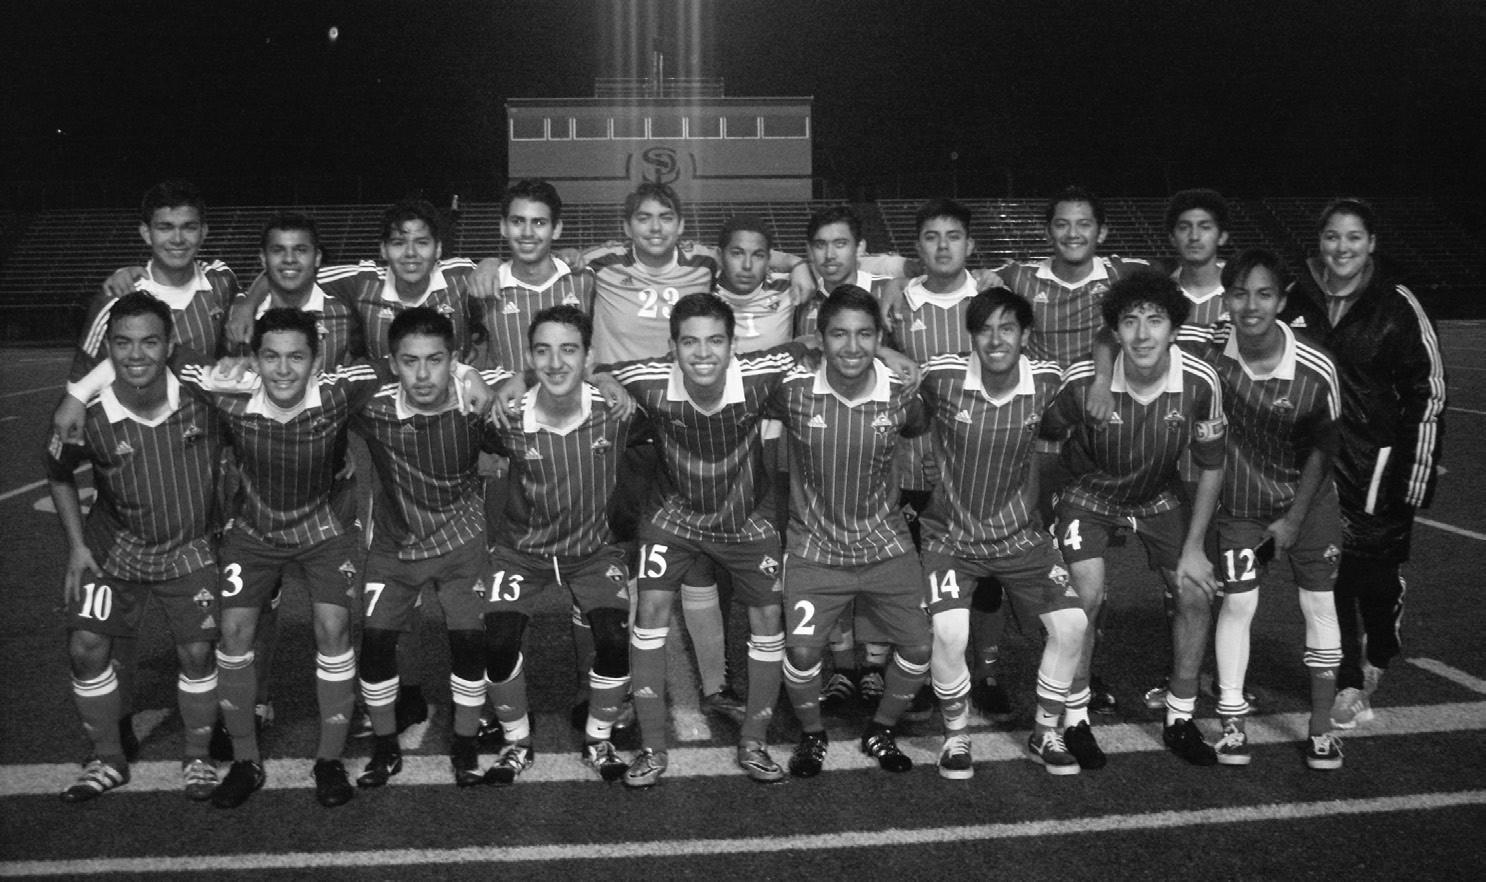 The Orange Glen High School boys soccer team.